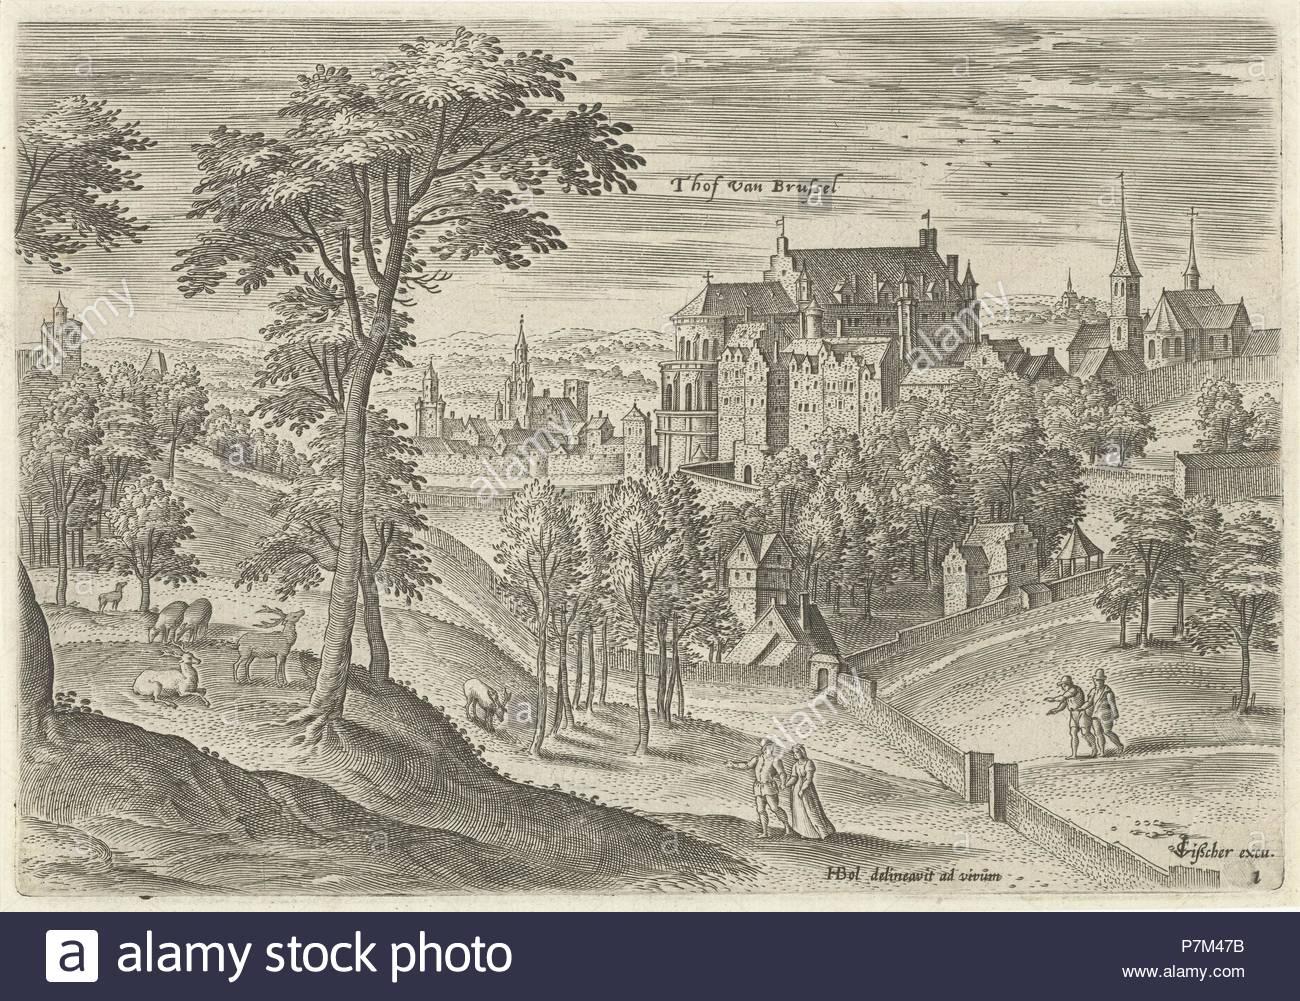 View of the Slot Hof of Brussels, Belgium, Hans Collaert I, Claes Jansz. Visscher II, 1530 - 1580. - Stock Image